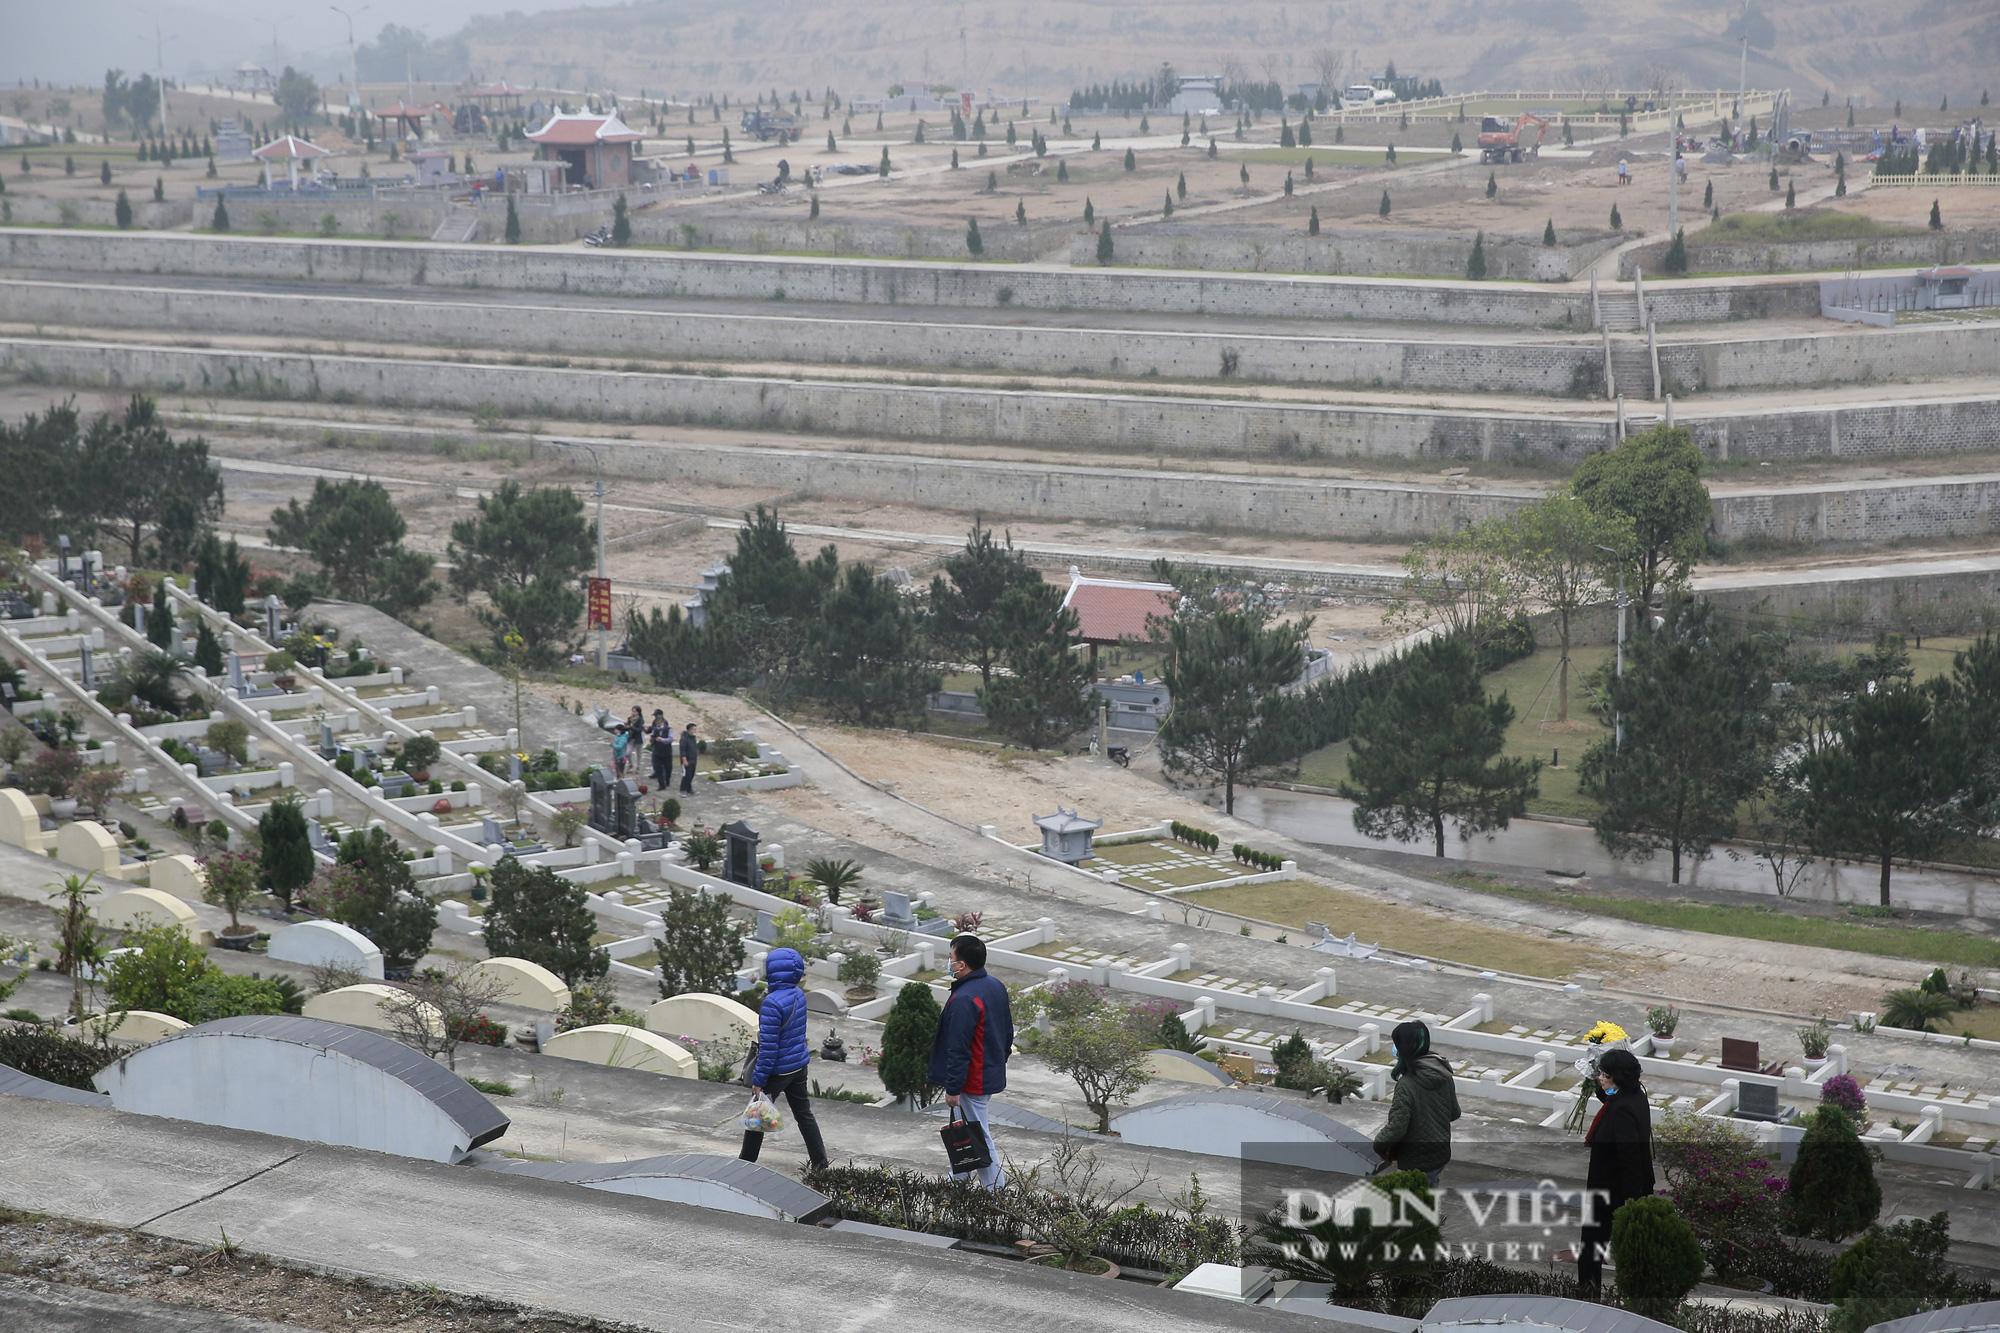 Siêu công viên nghĩa trang 5 sao nhộn nhịp những ngày cận Tết Nguyên đán - Ảnh 8.